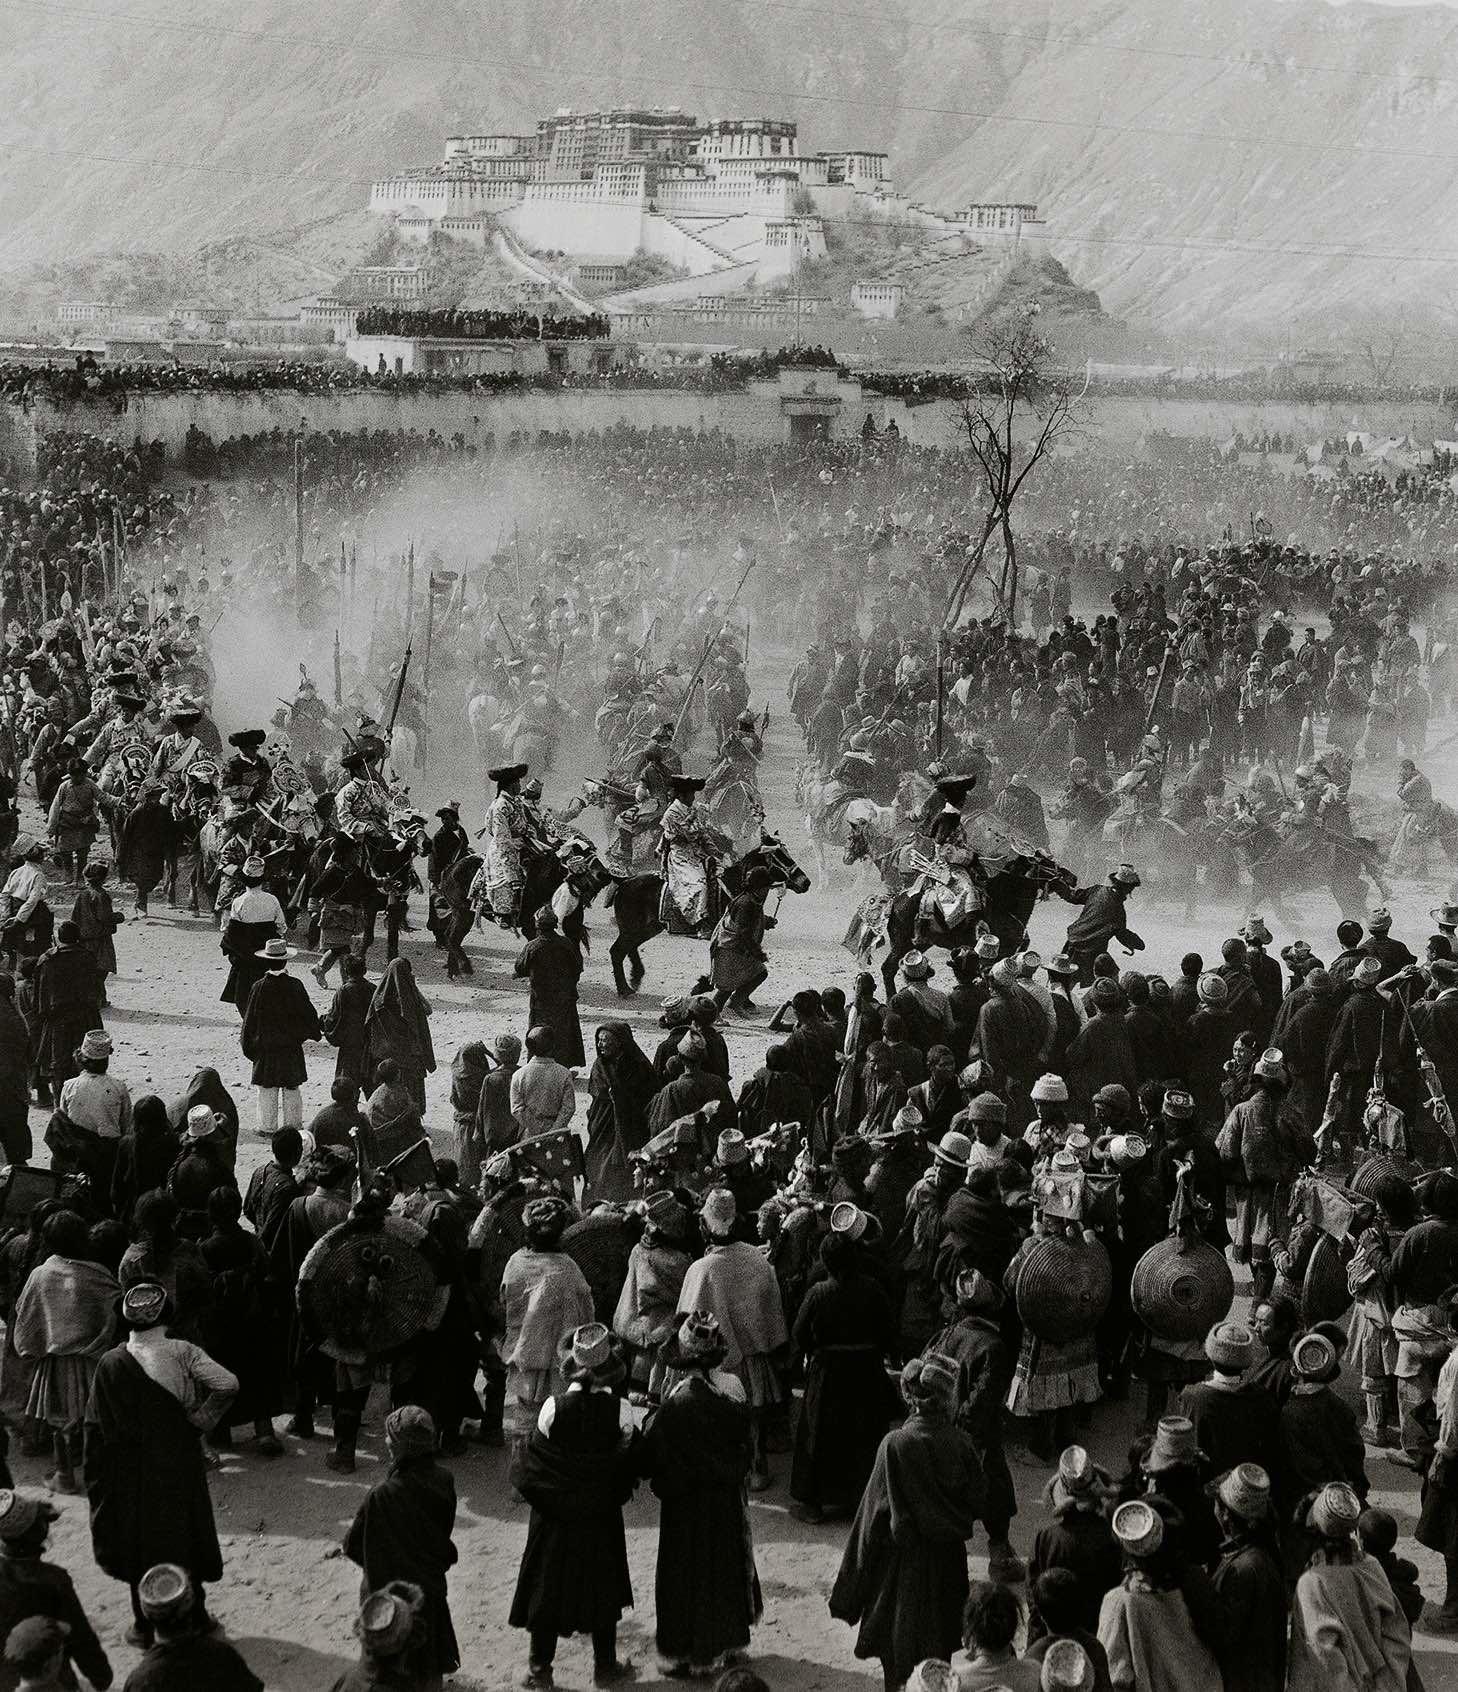 Lan Zhigui, Merry Festivals in Lhasa